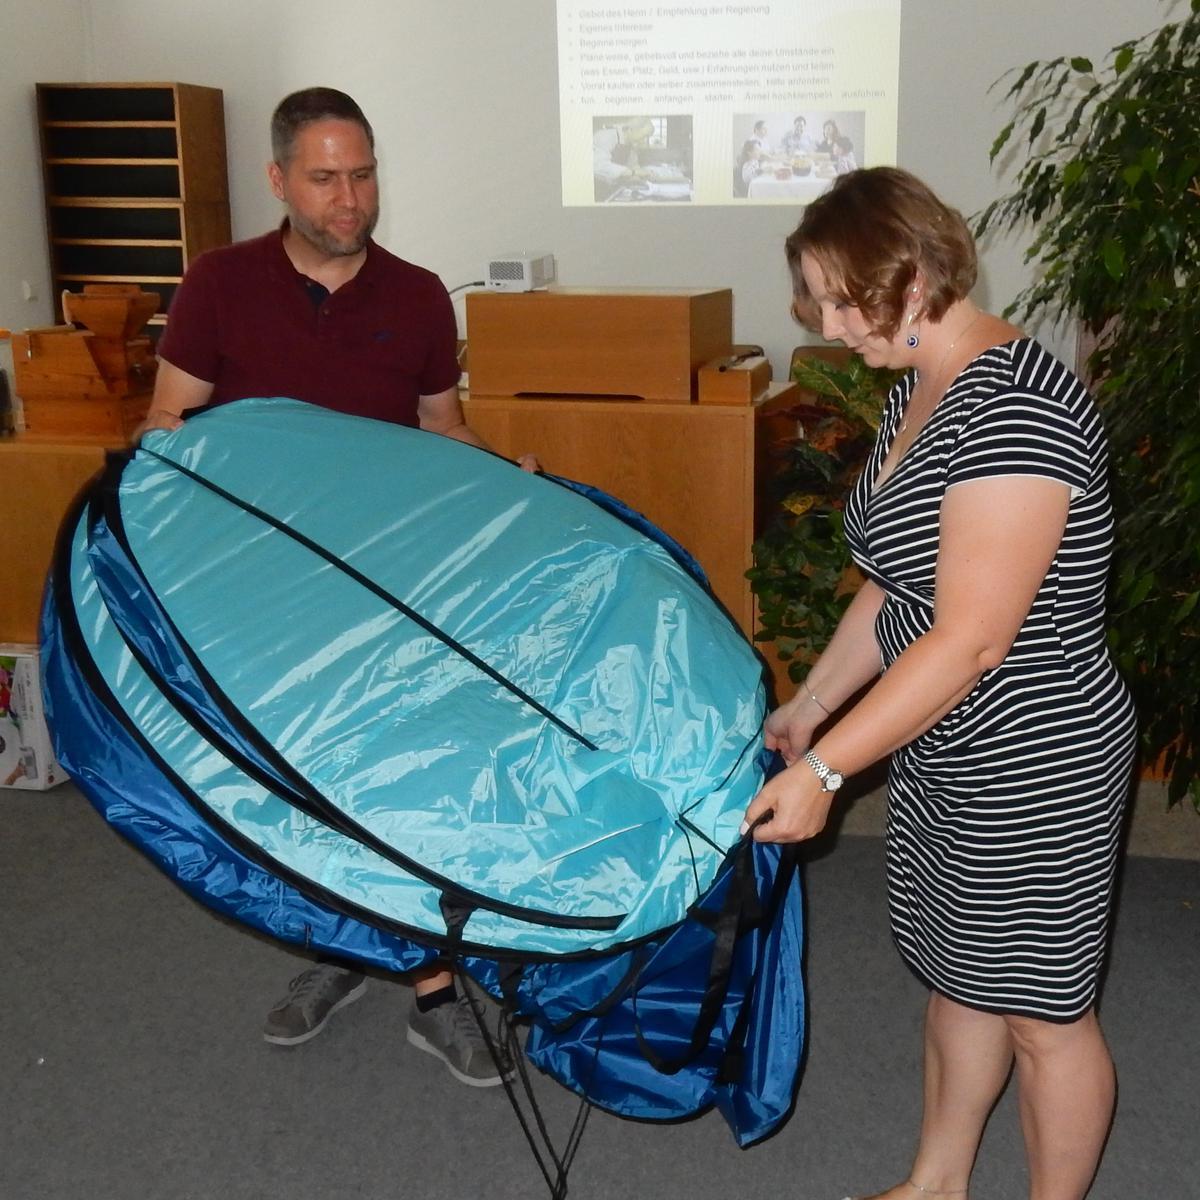 Schwester Sandra Bassler und Bruder Oliver Bassler demonstrieren, wie ein Pop-up-Zelt nach Gebrauch fachmännisch zusammengelegt wird.